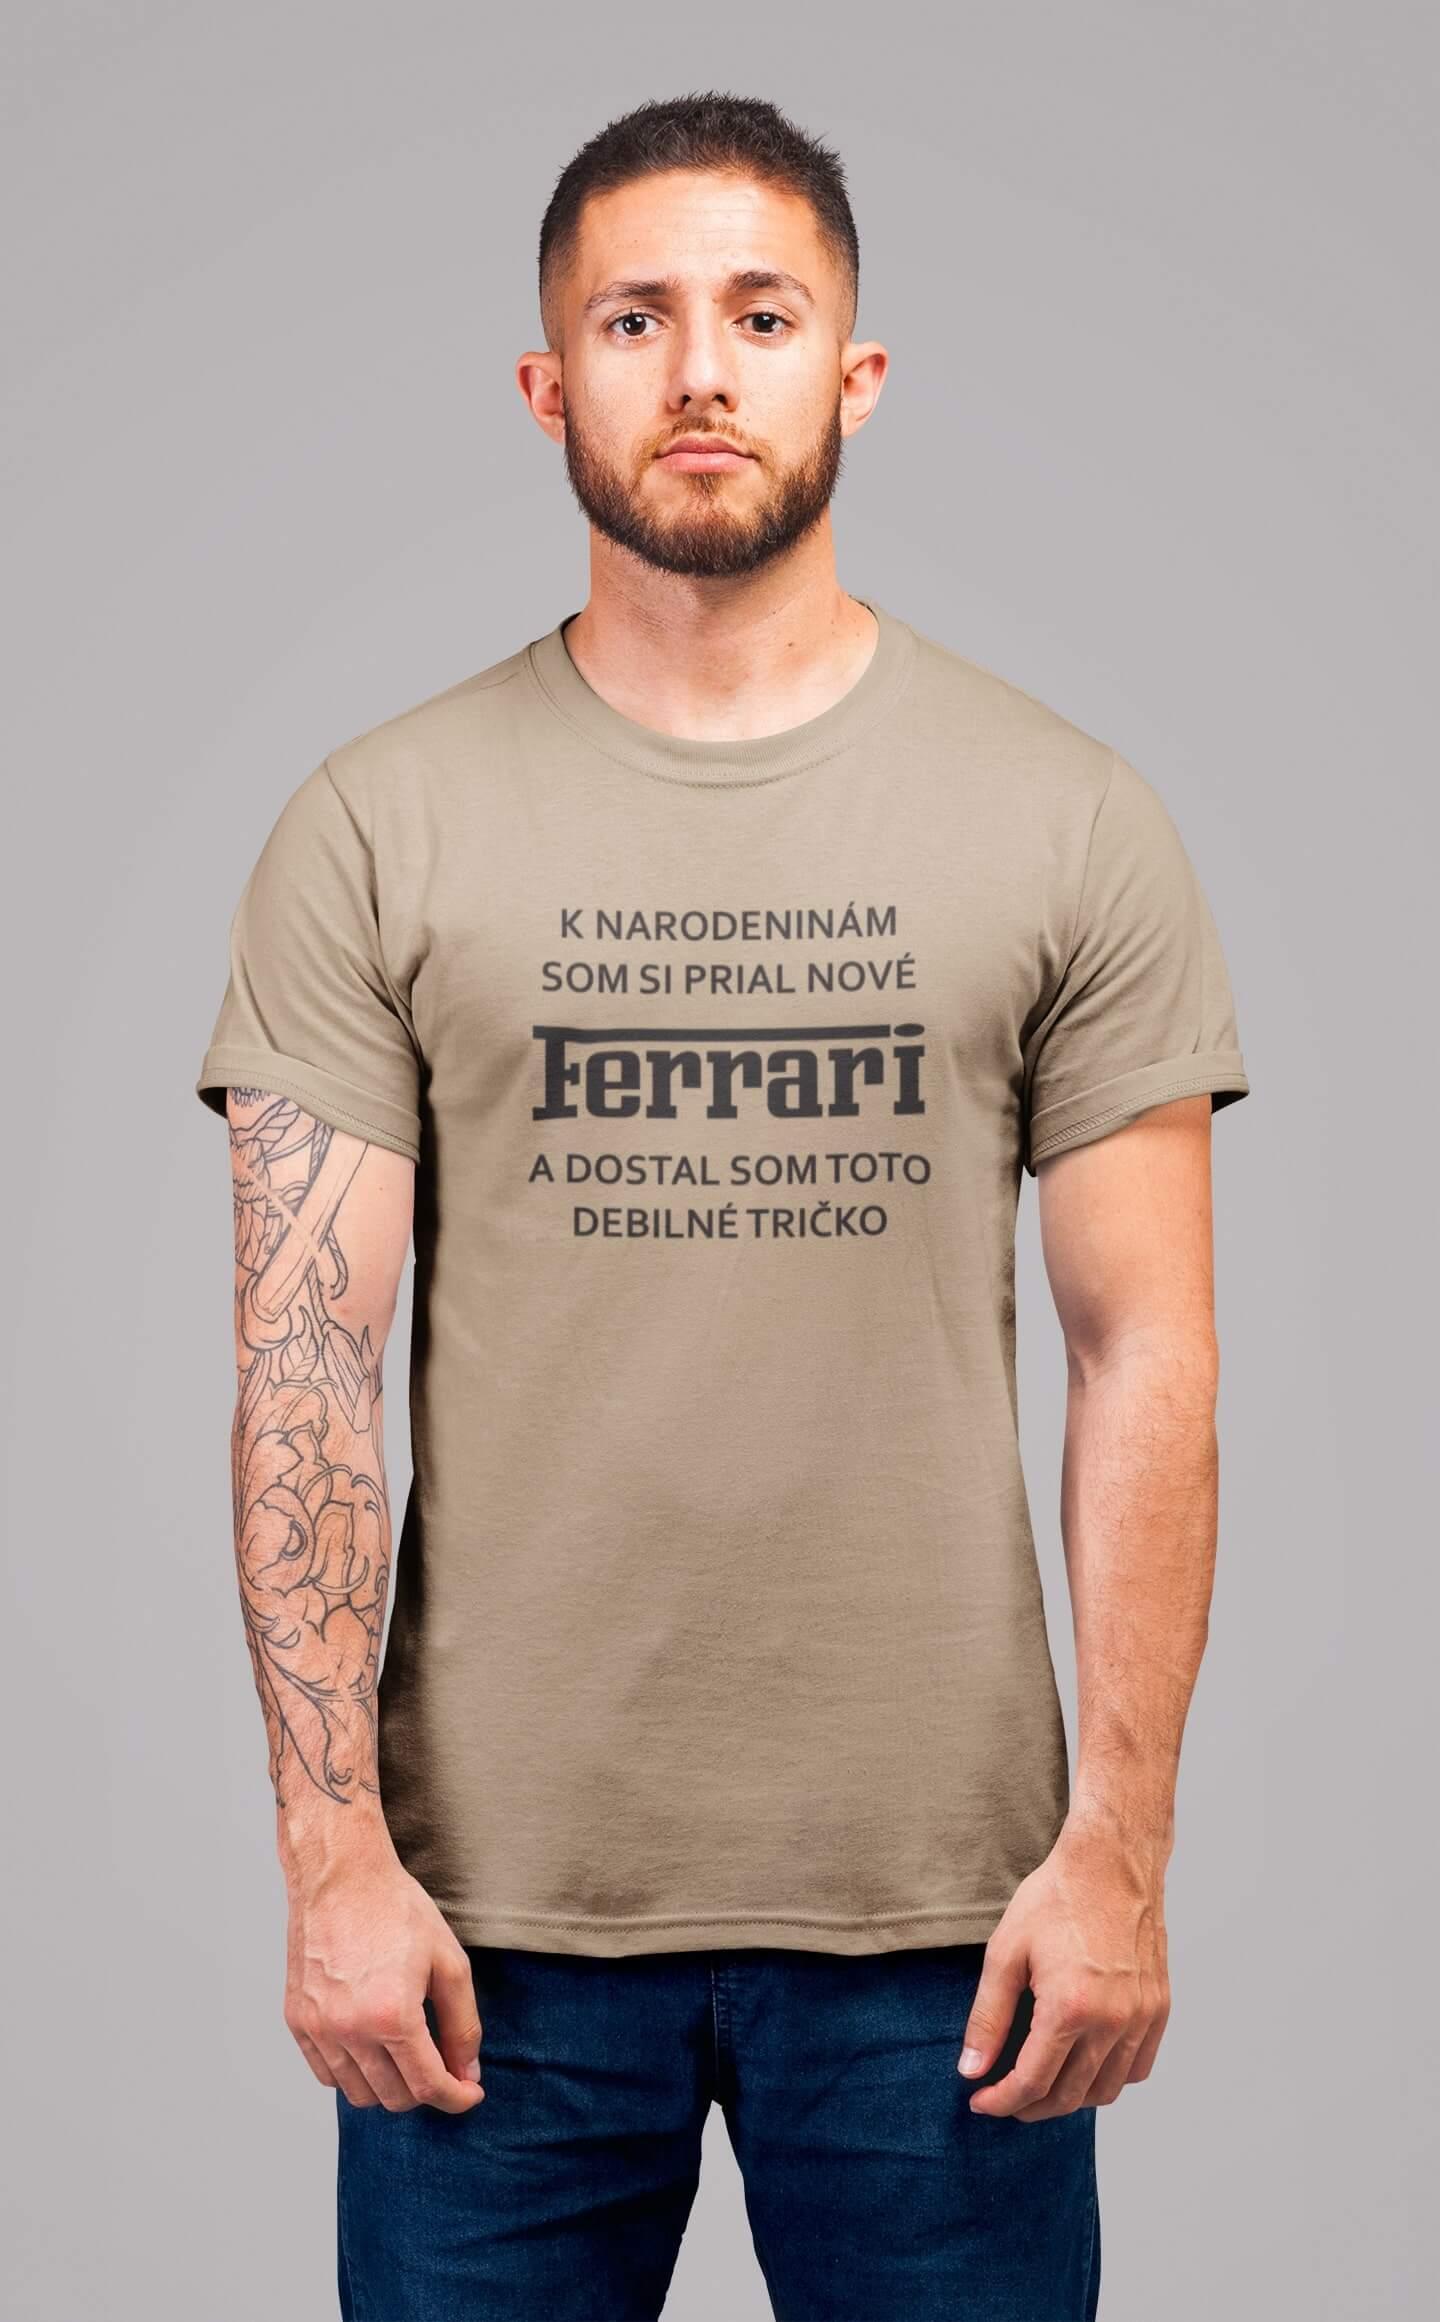 MMO Pánske tričko FERRARI Vyberte farbu: Piesková, Pánska veľkosť: S